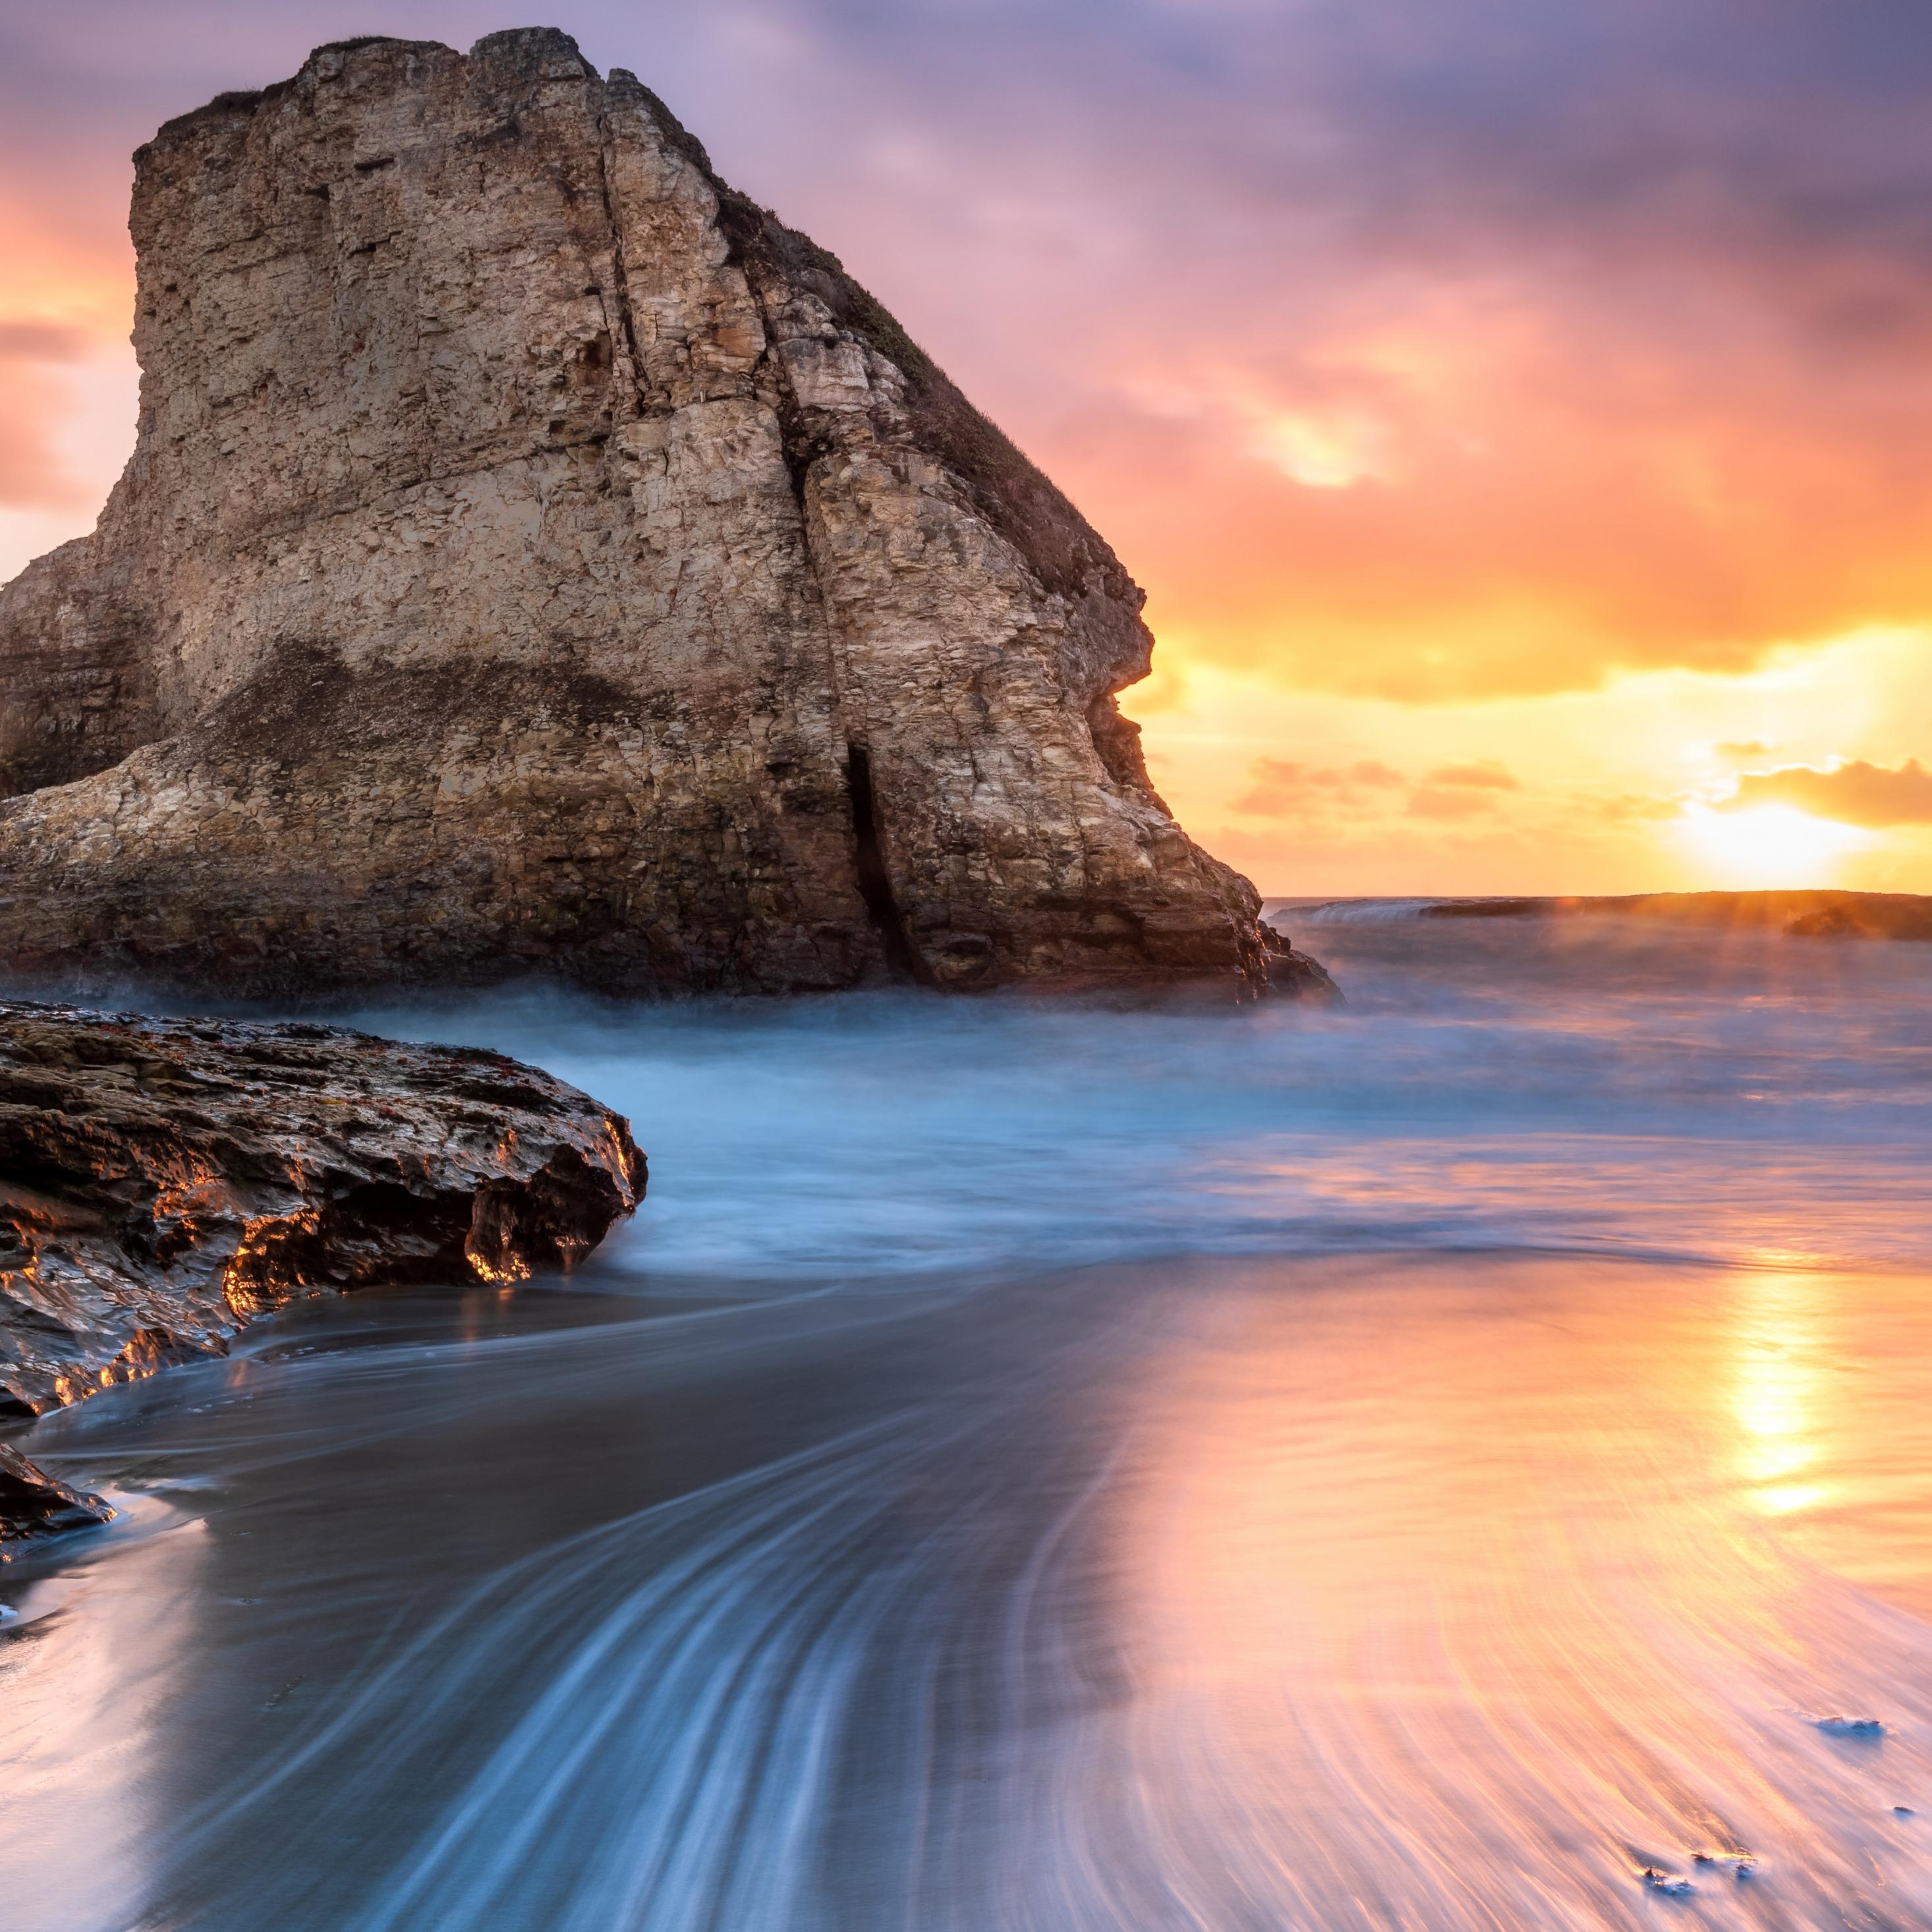 Download 2932x2932 Wallpaper Shark Tooth Beach Rocks Cliff